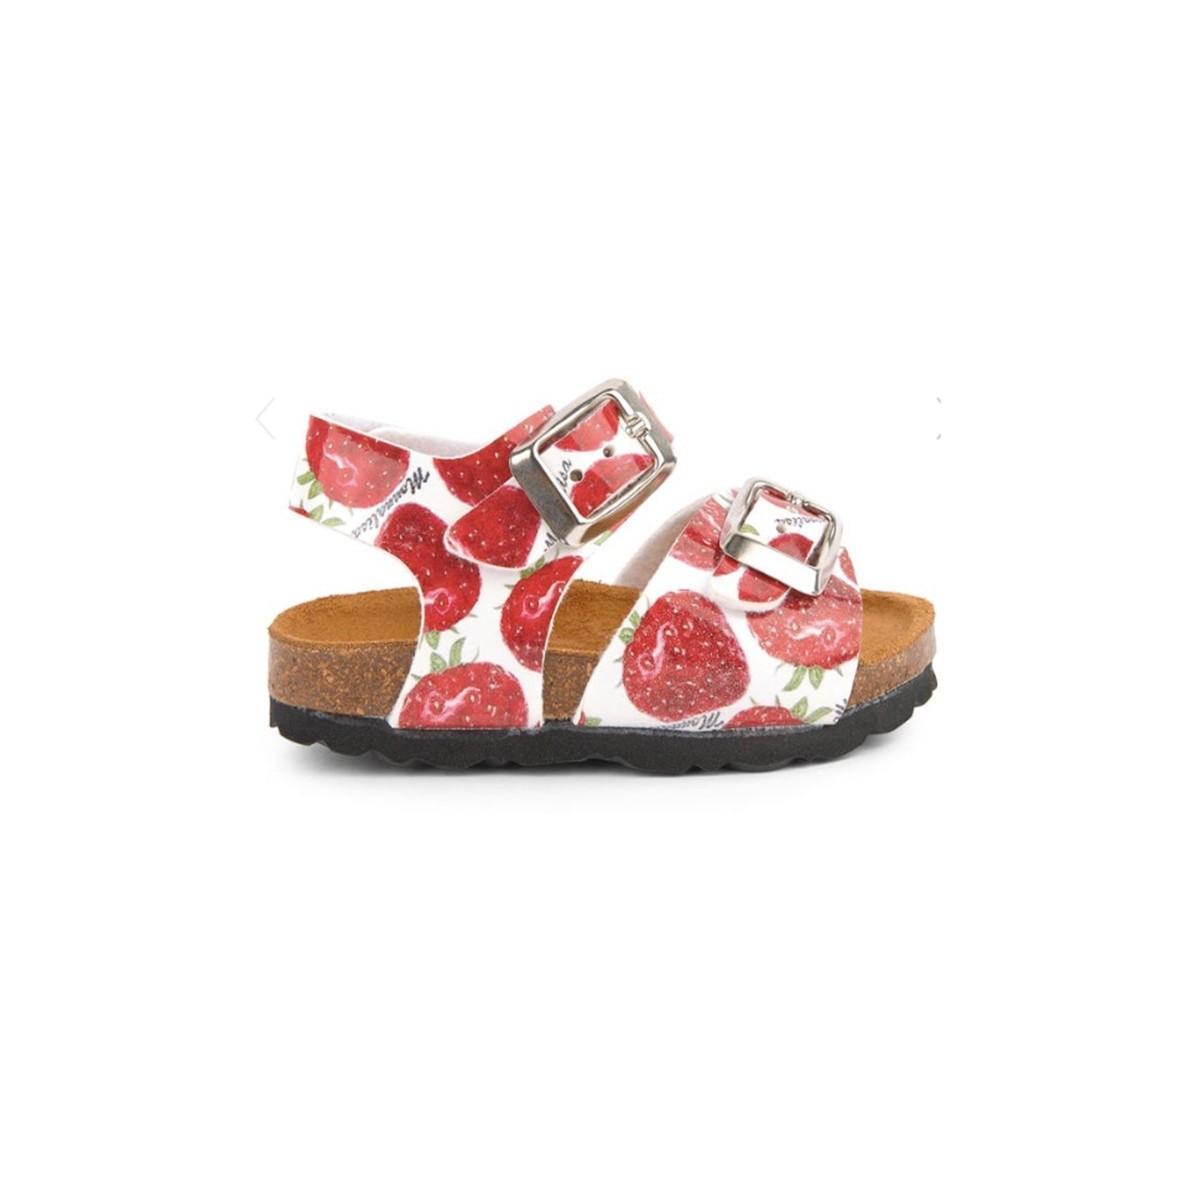 Sandale boucle imprimé Fraise